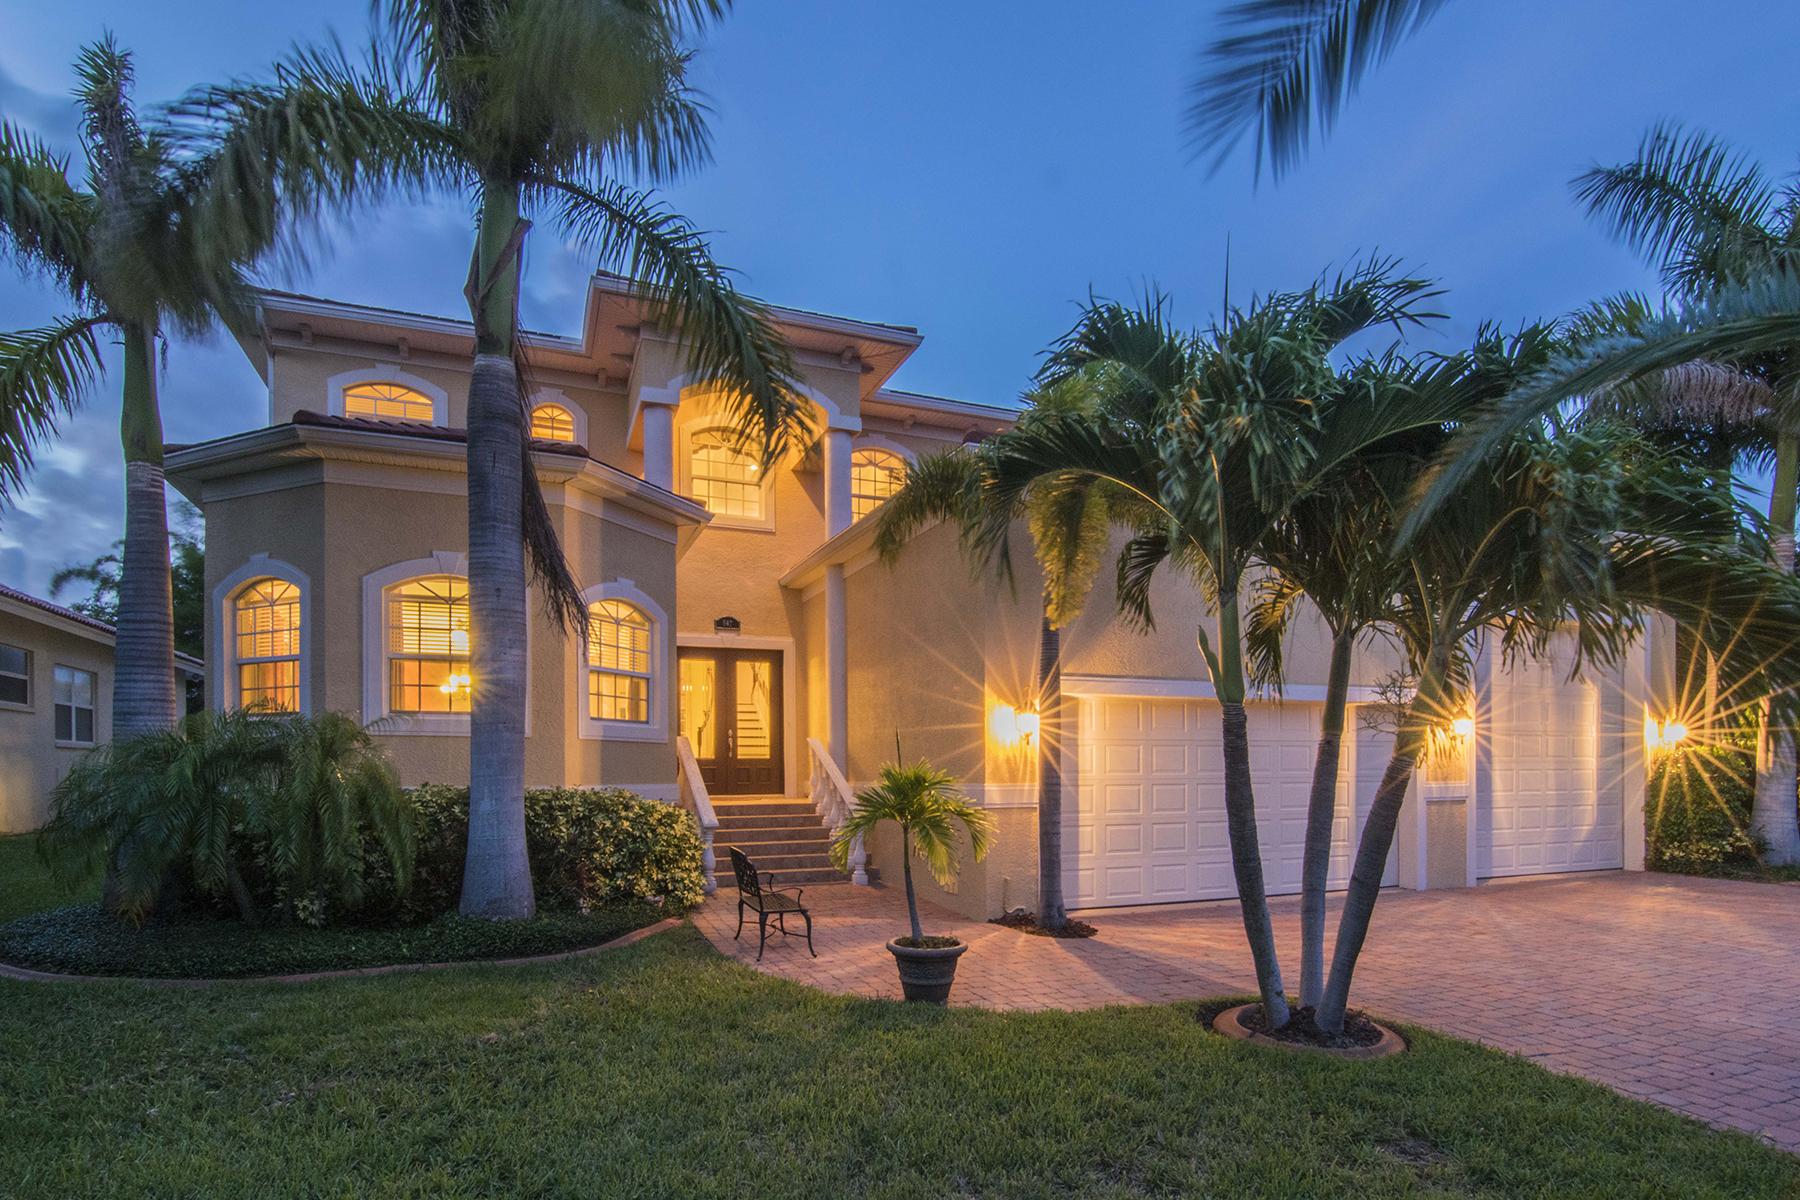 獨棟家庭住宅 為 出售 在 TIERRA VERDE 647 Santa Maria Dr Tierra Verde, 佛羅里達州 33715 美國